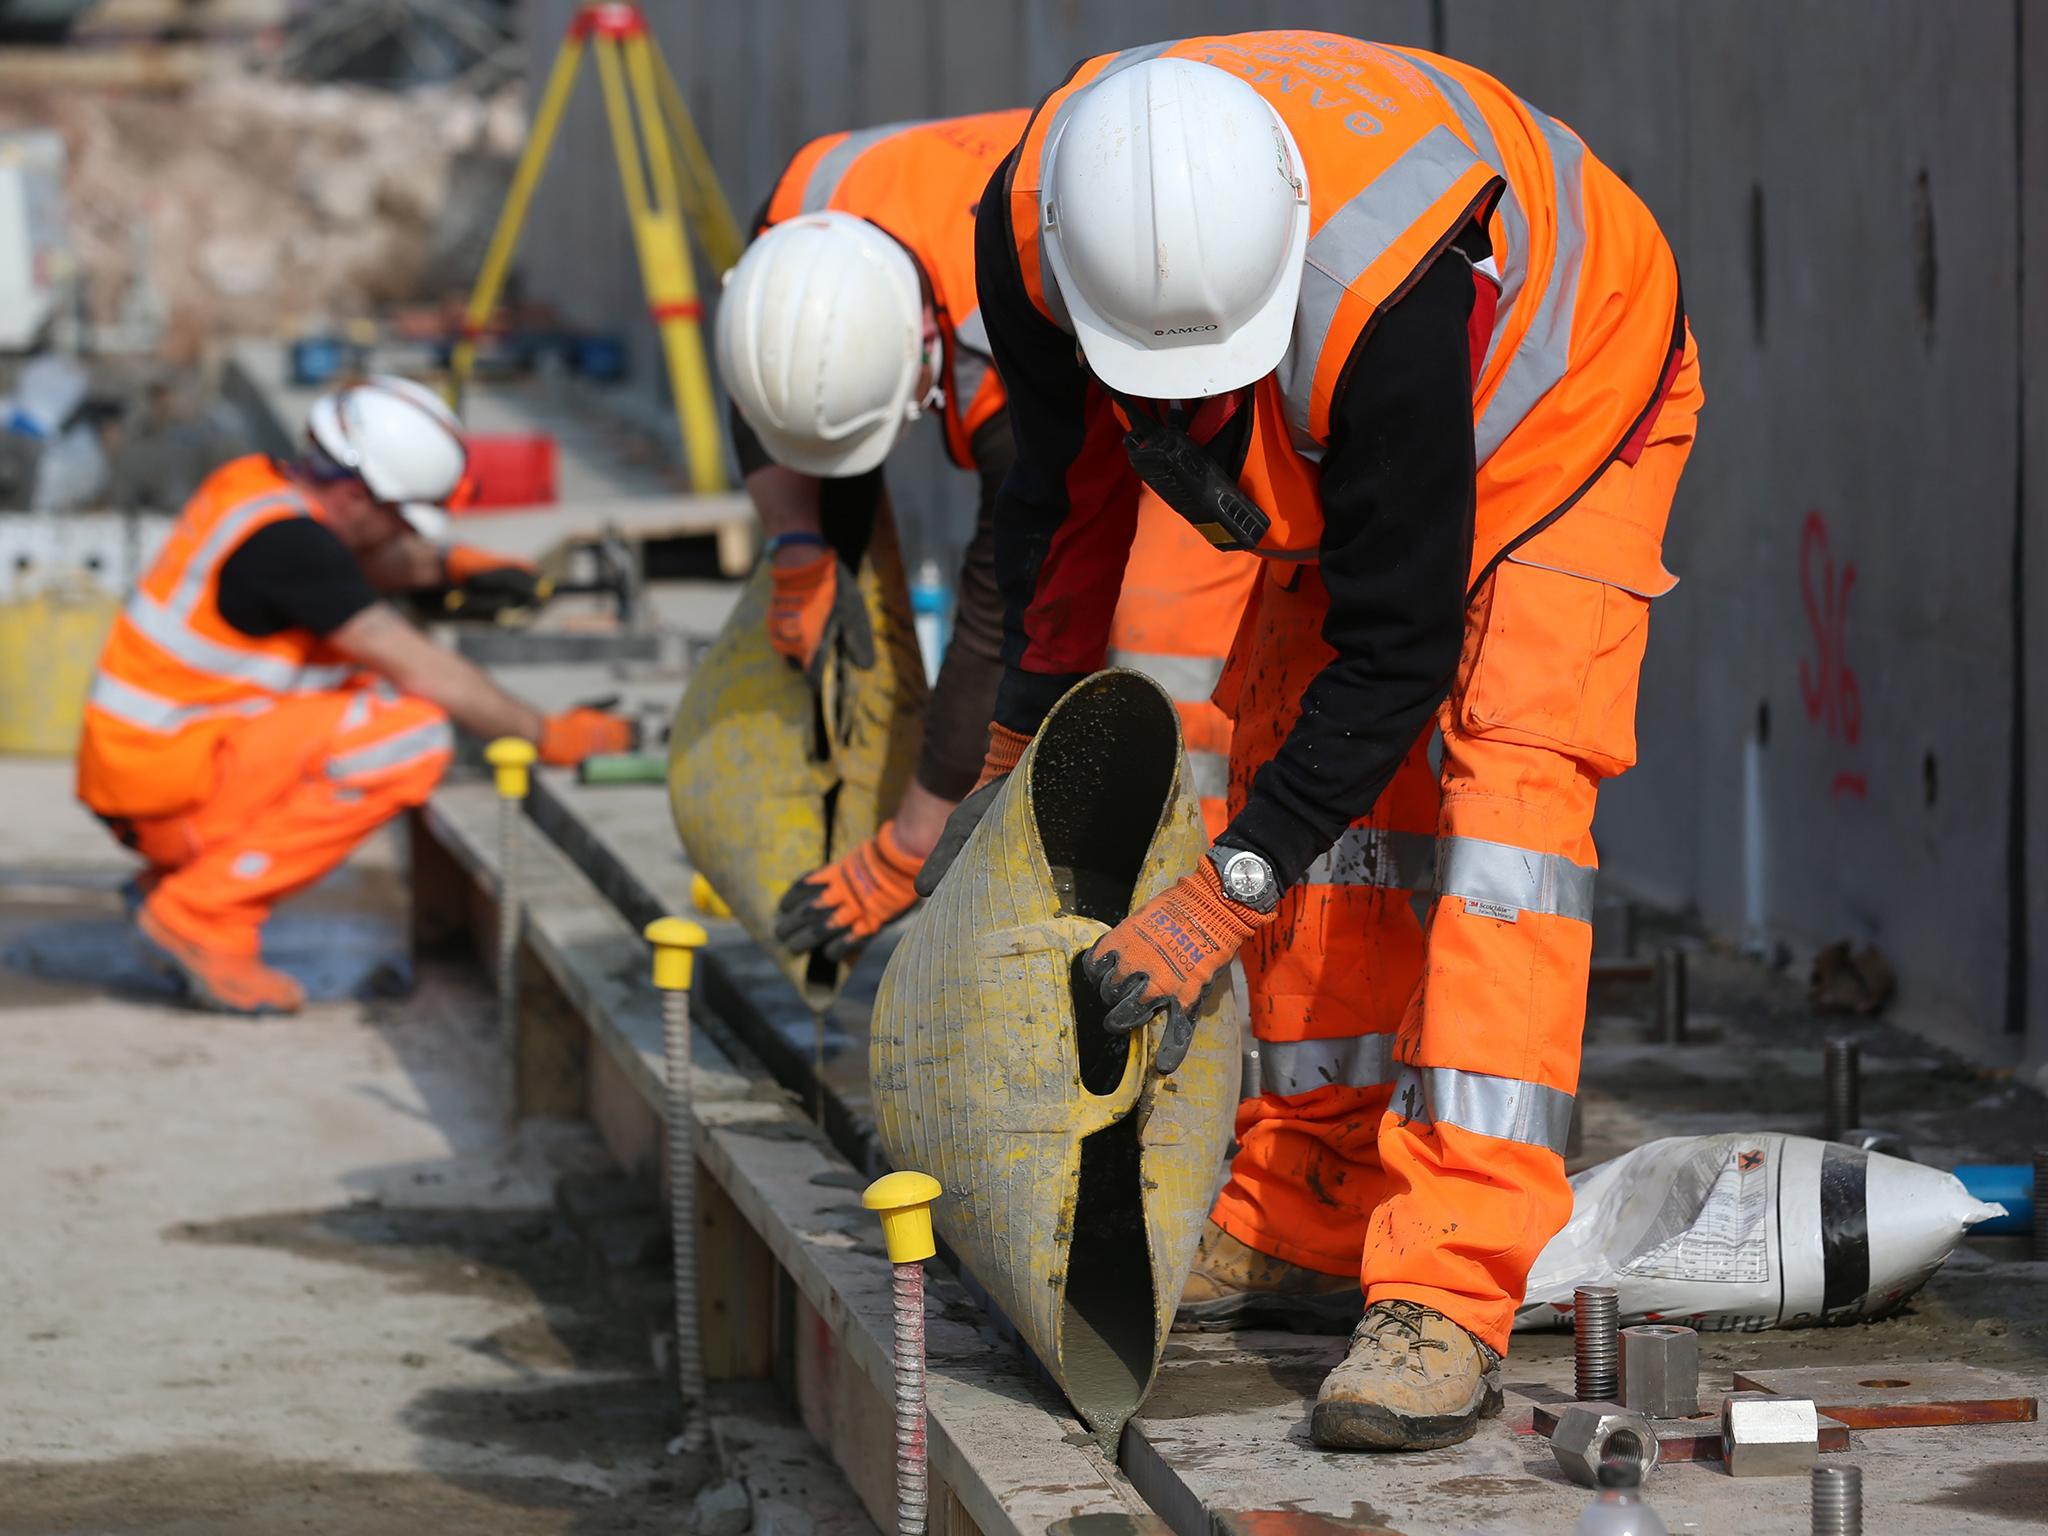 В реготделении ЛДПР в Самаре видят в четырехдневной рабочей неделе возможность сократить безработицу